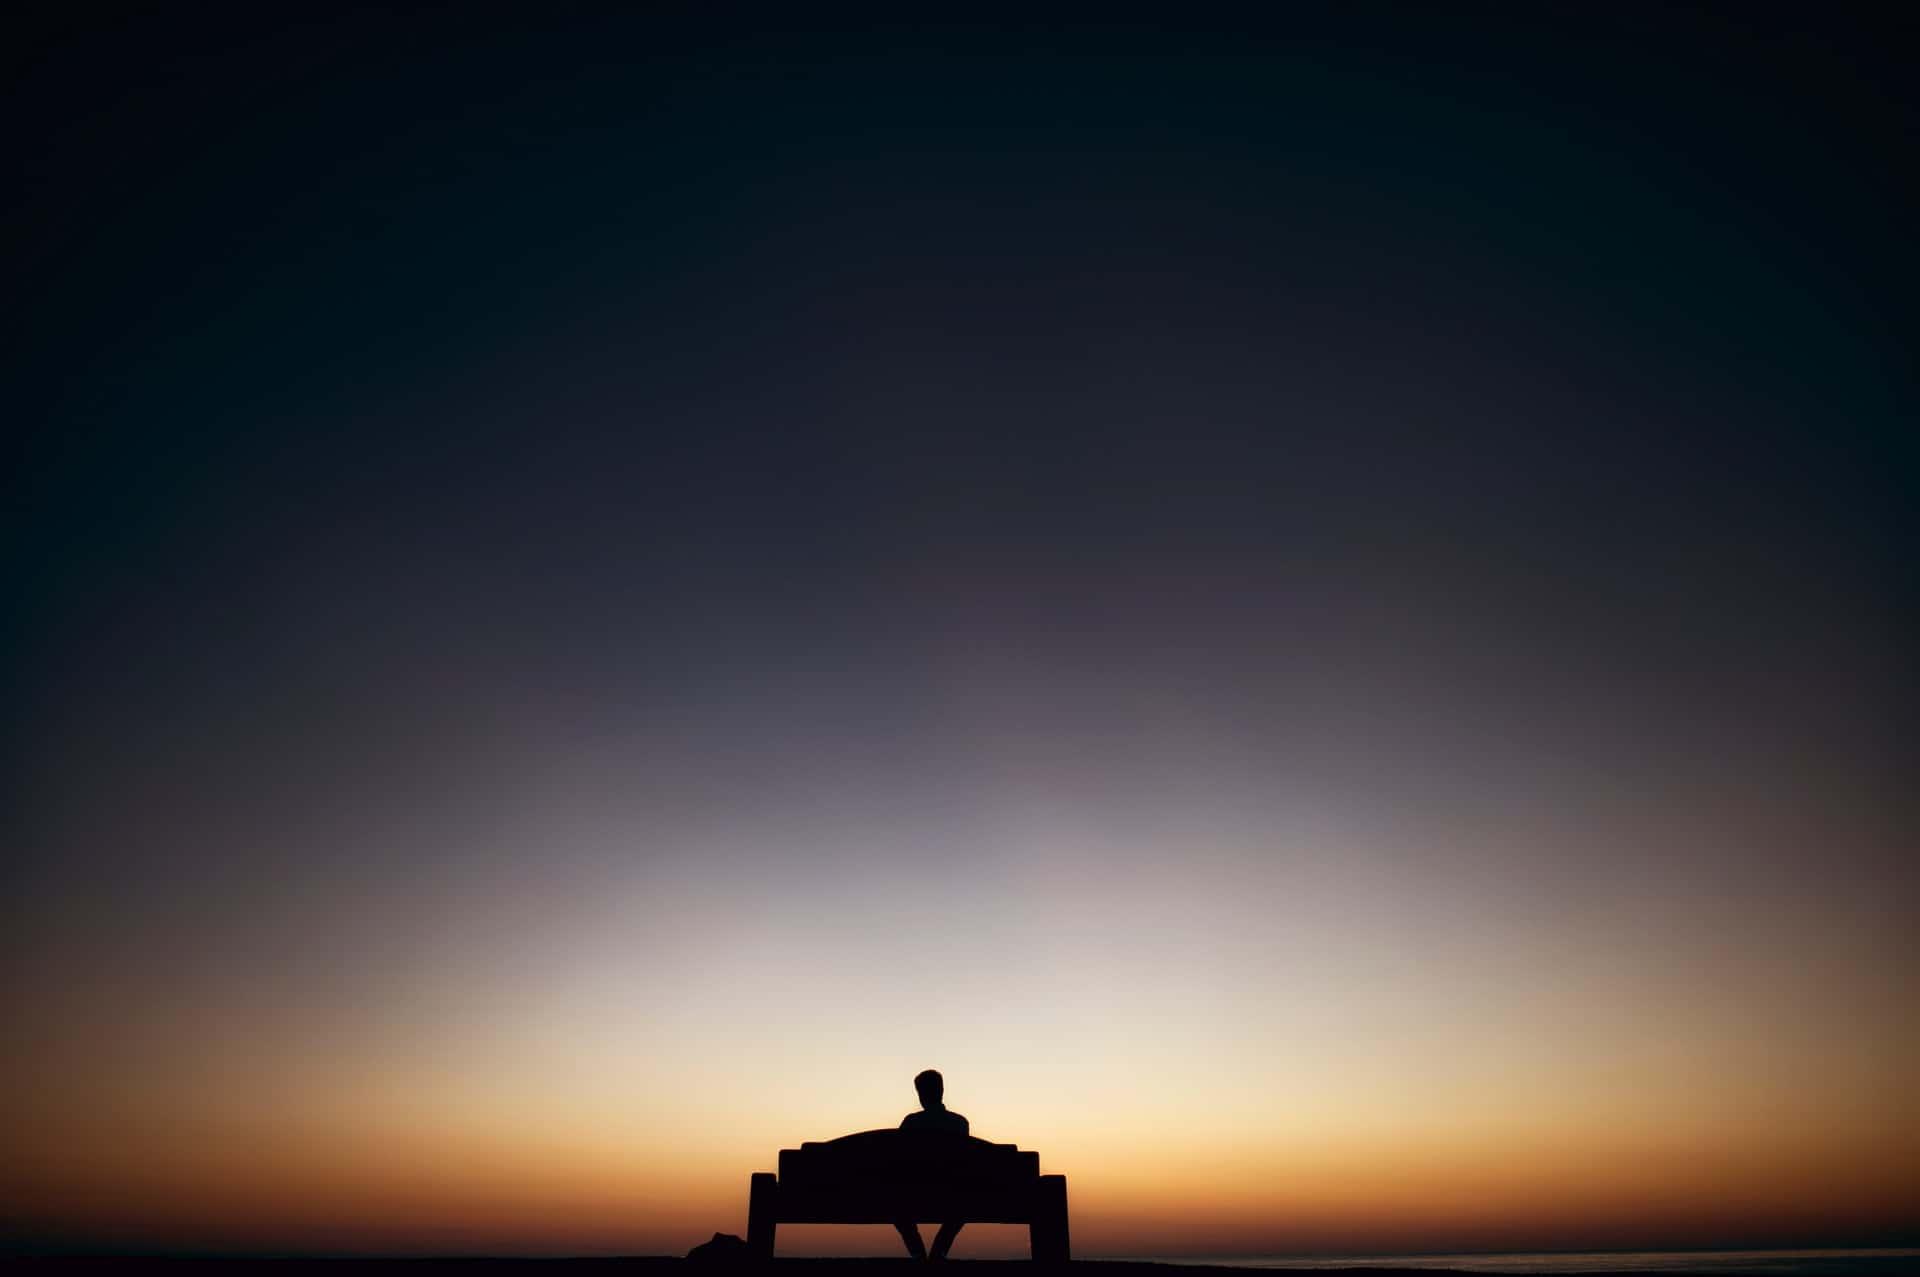 silhouette, silhouette foto, fotografia silhouette